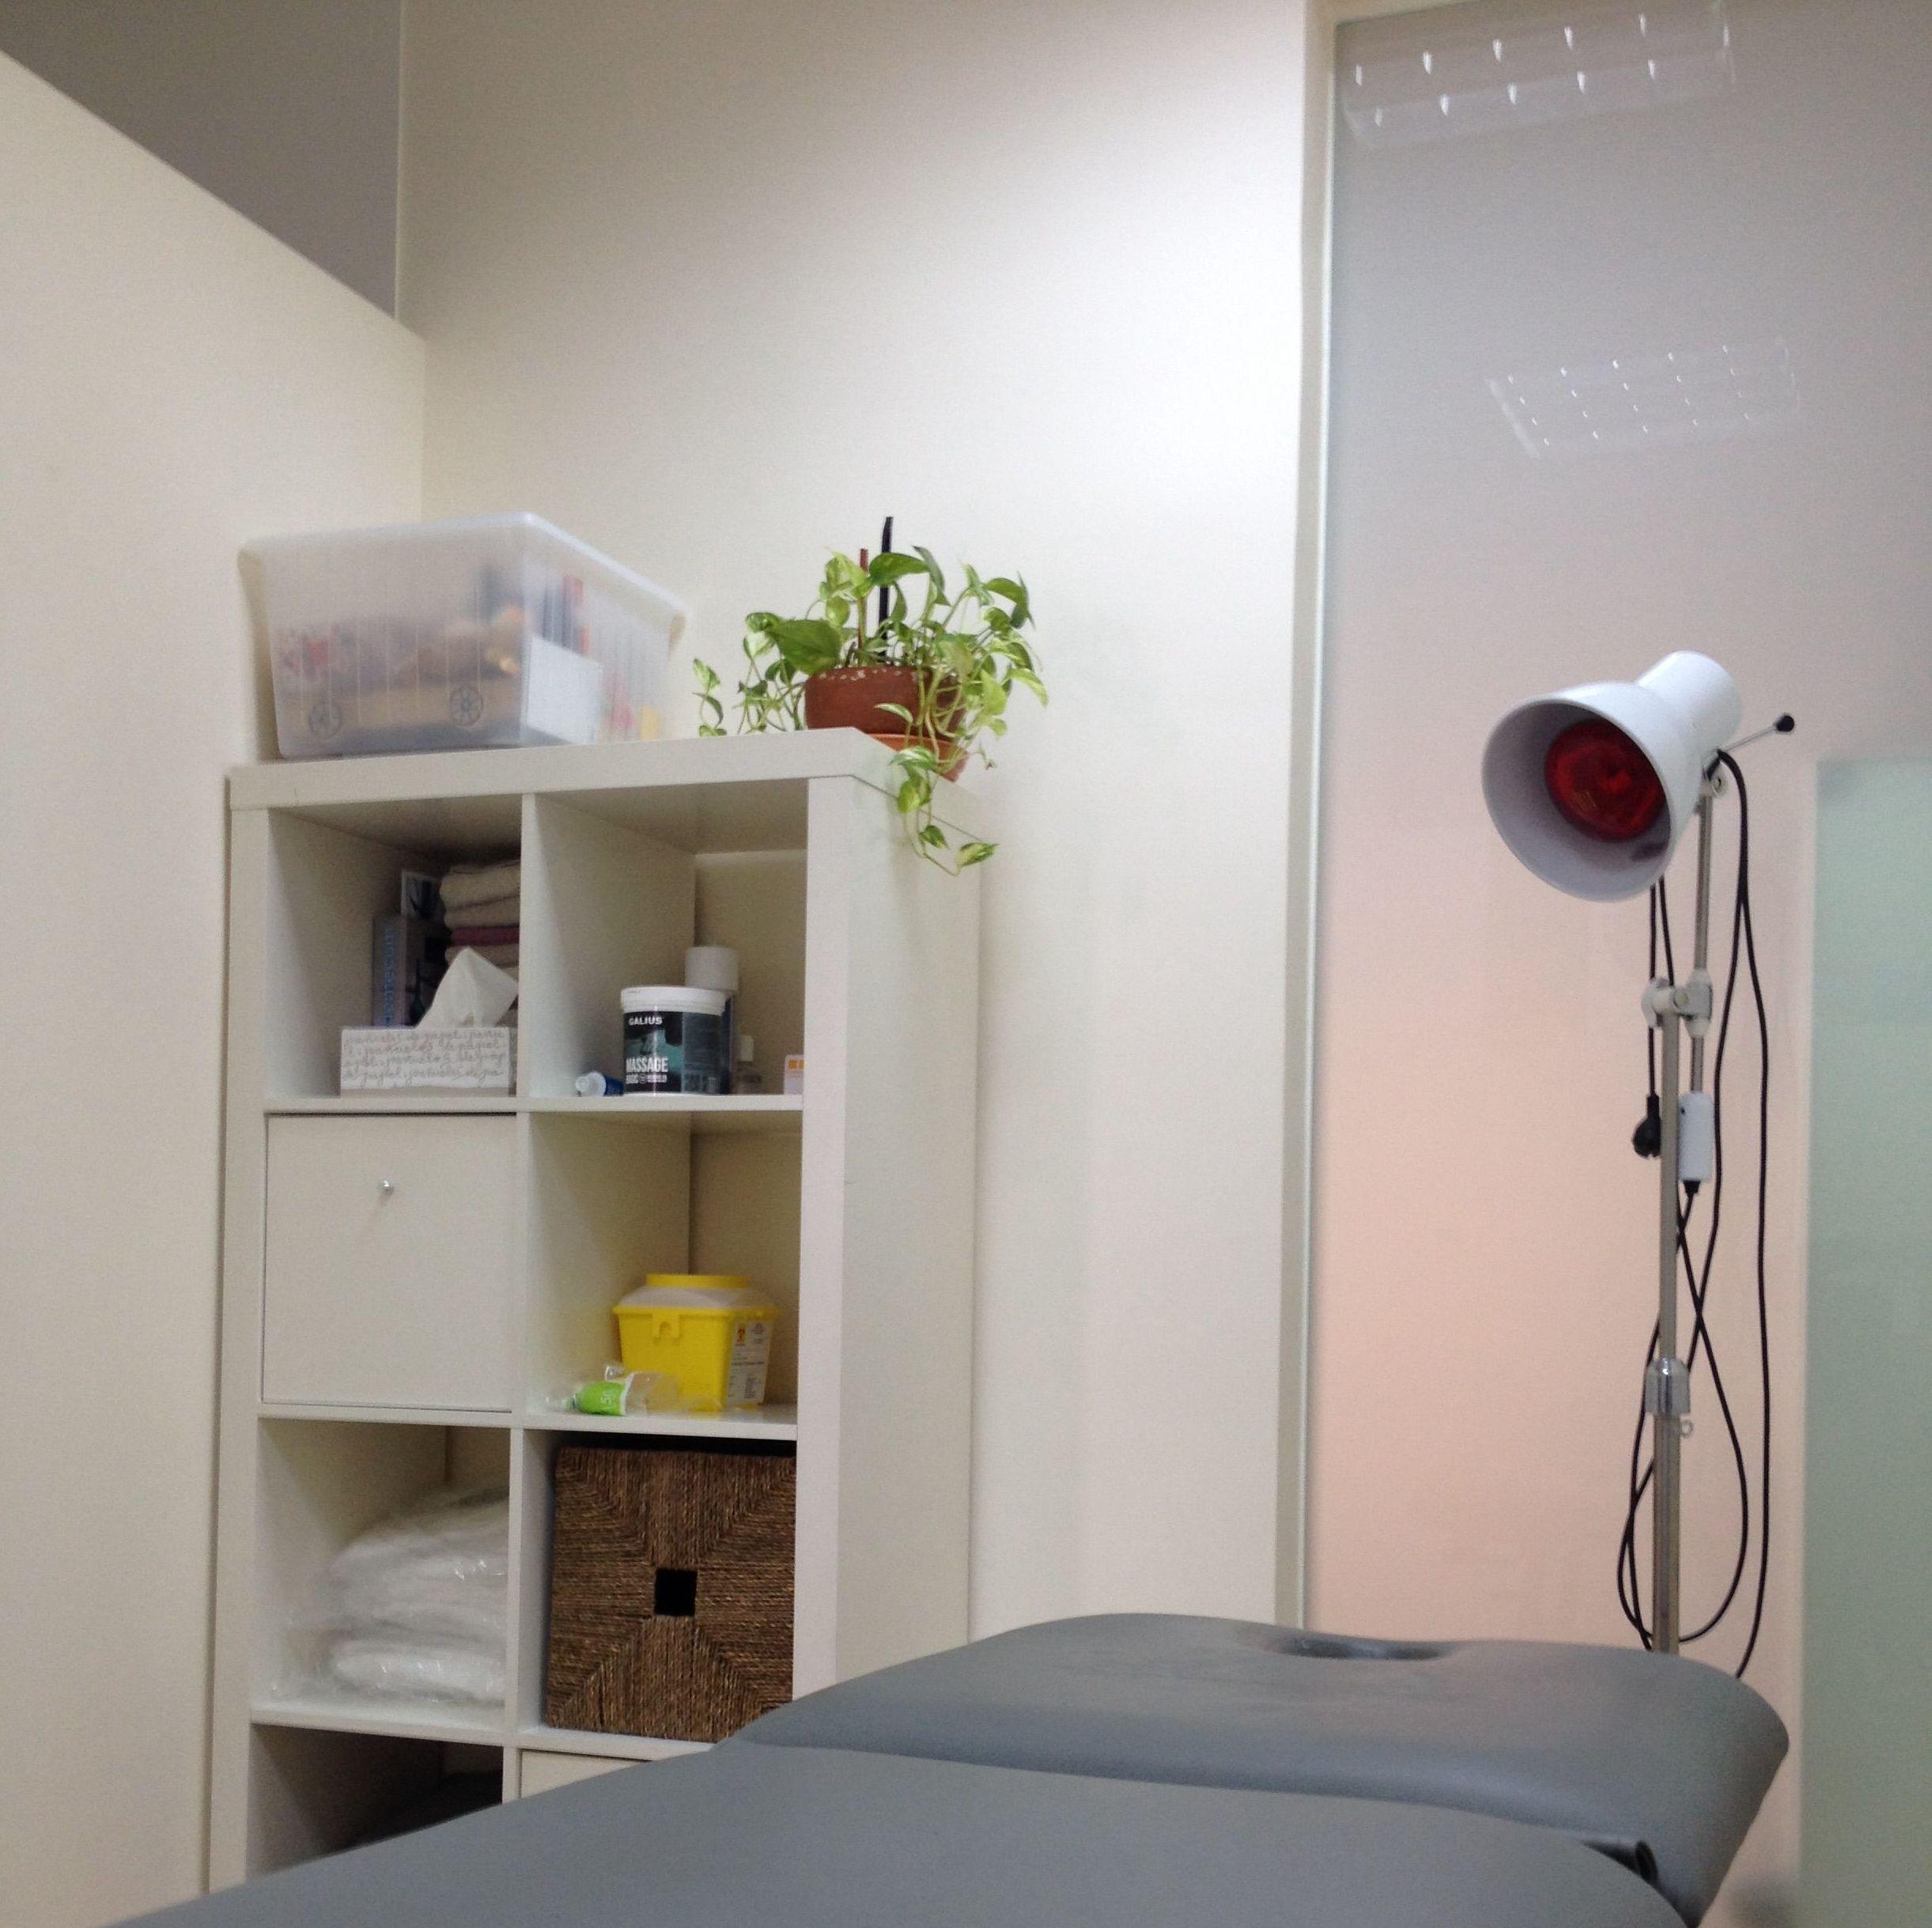 Foto 10 de Fisioterapia en Madrid | MQ Fisioterapia